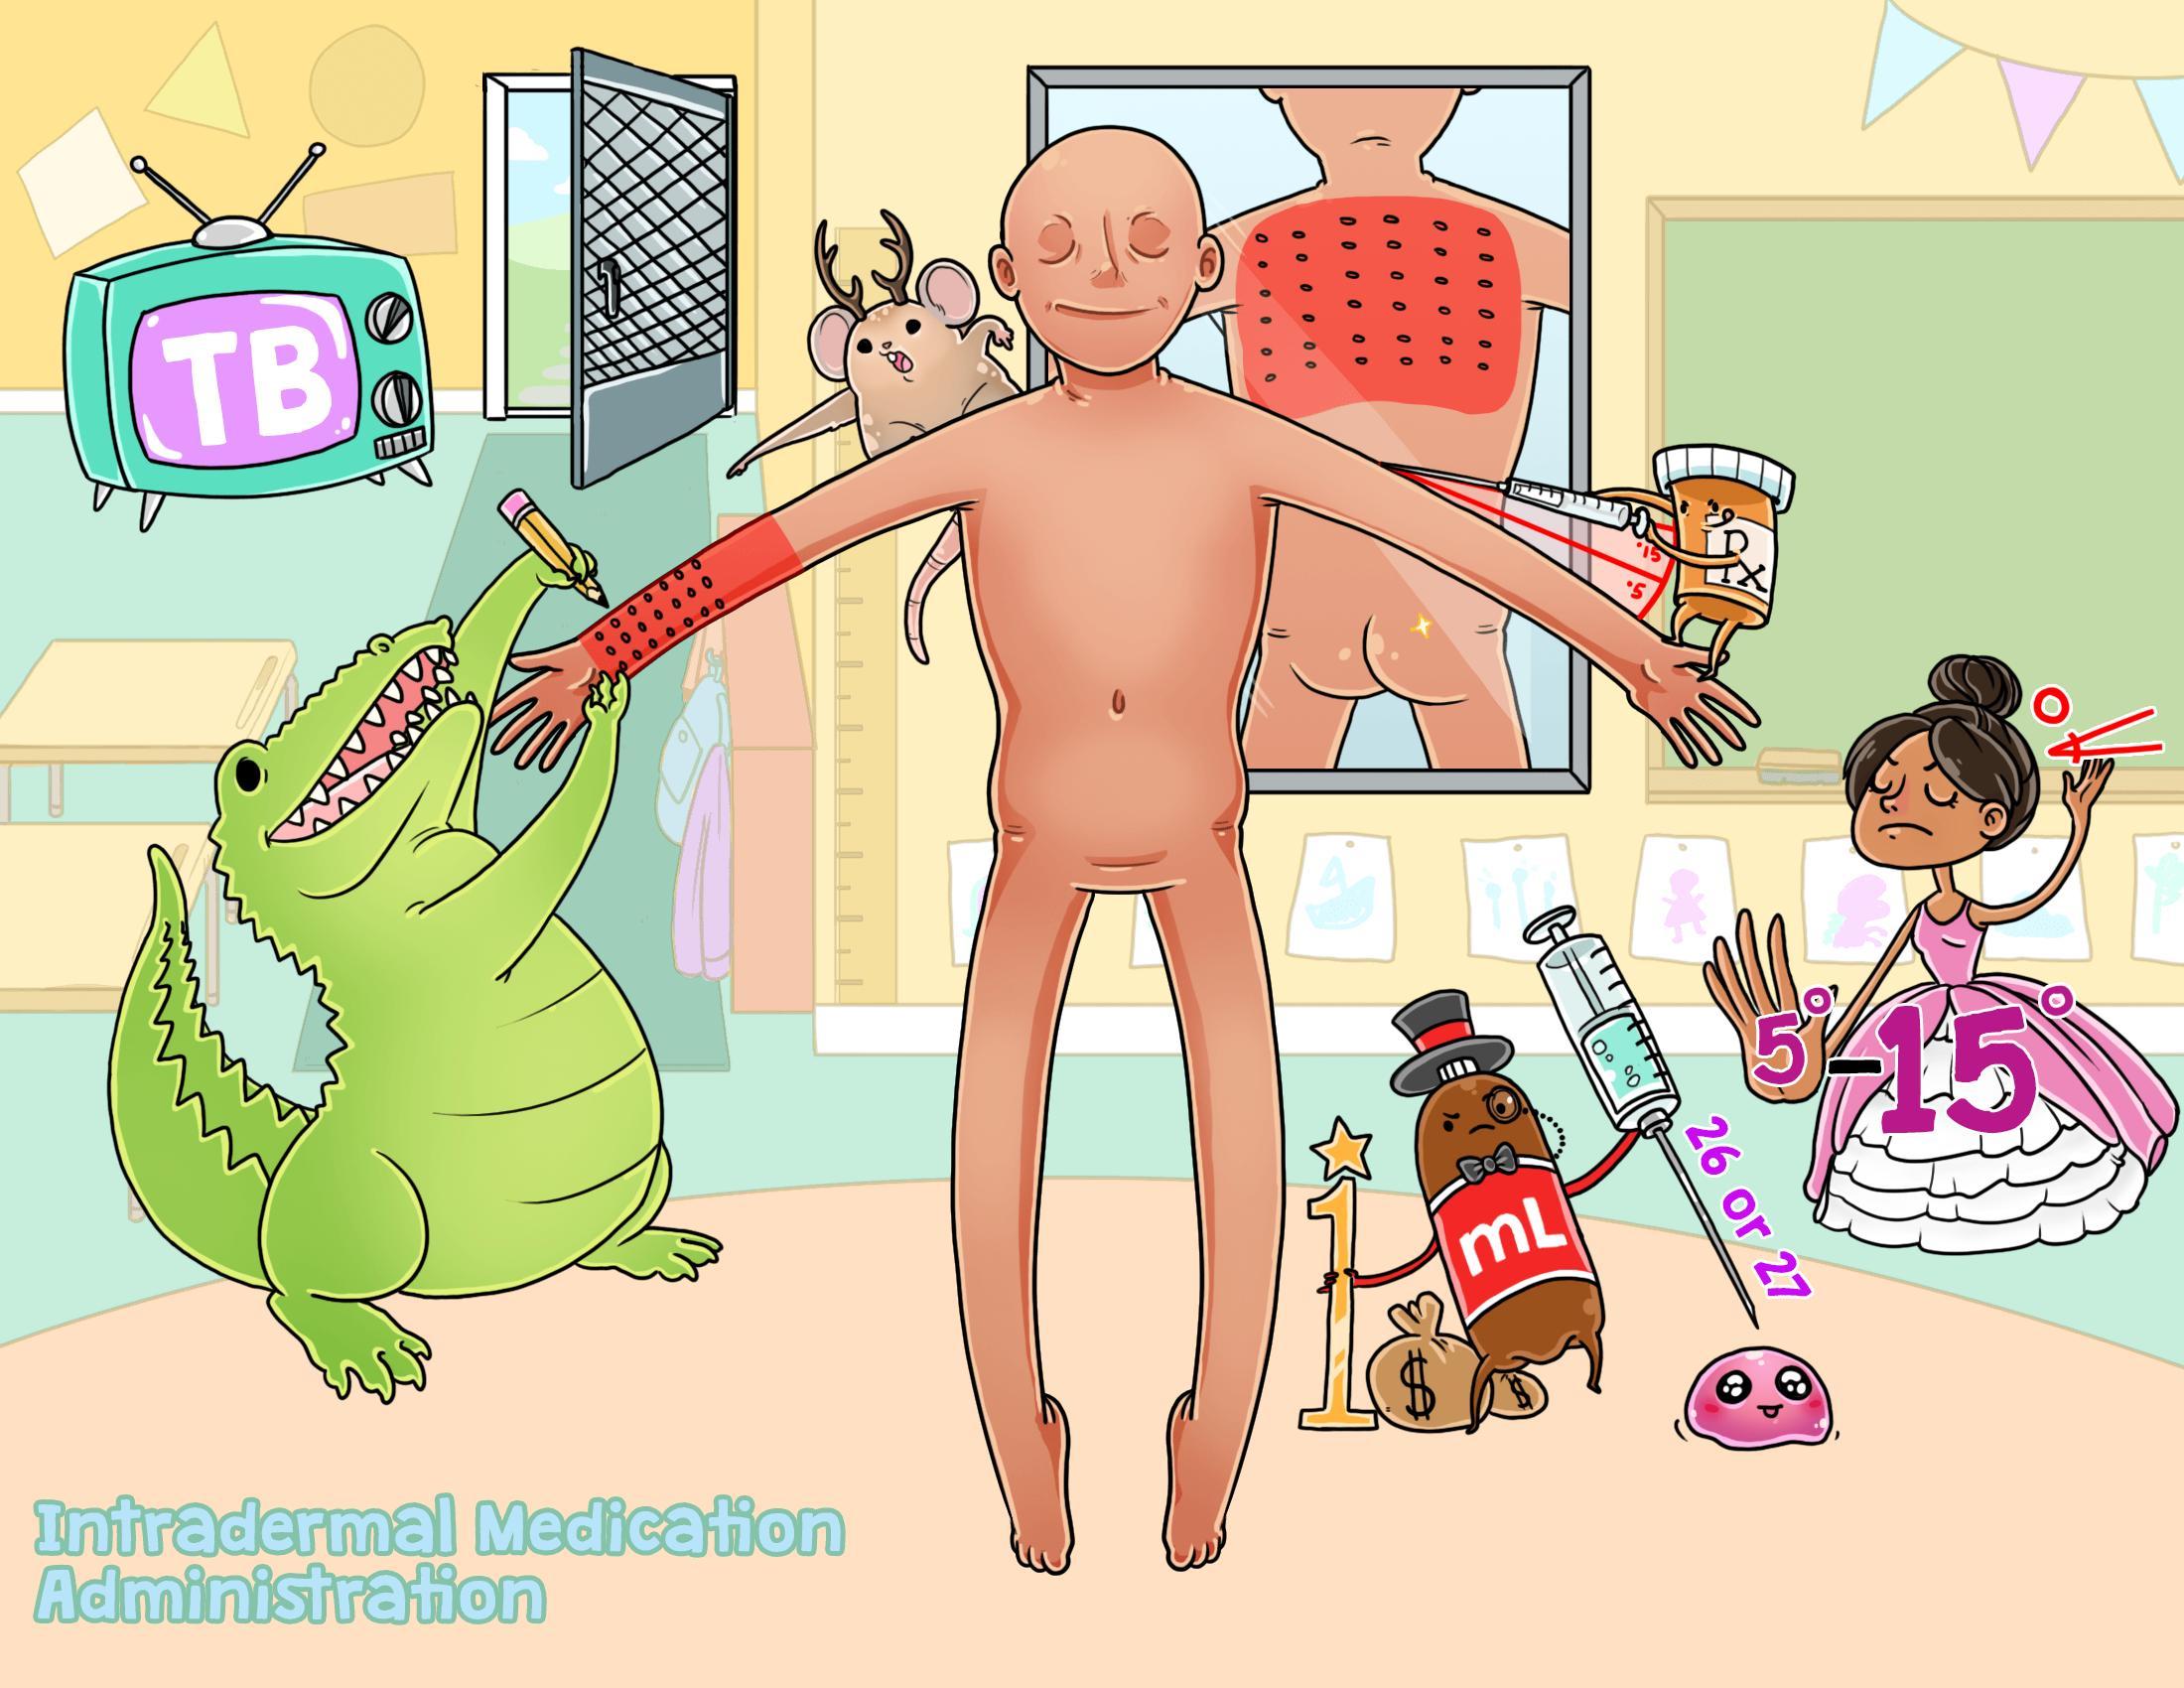 Intradermal Medication Administration